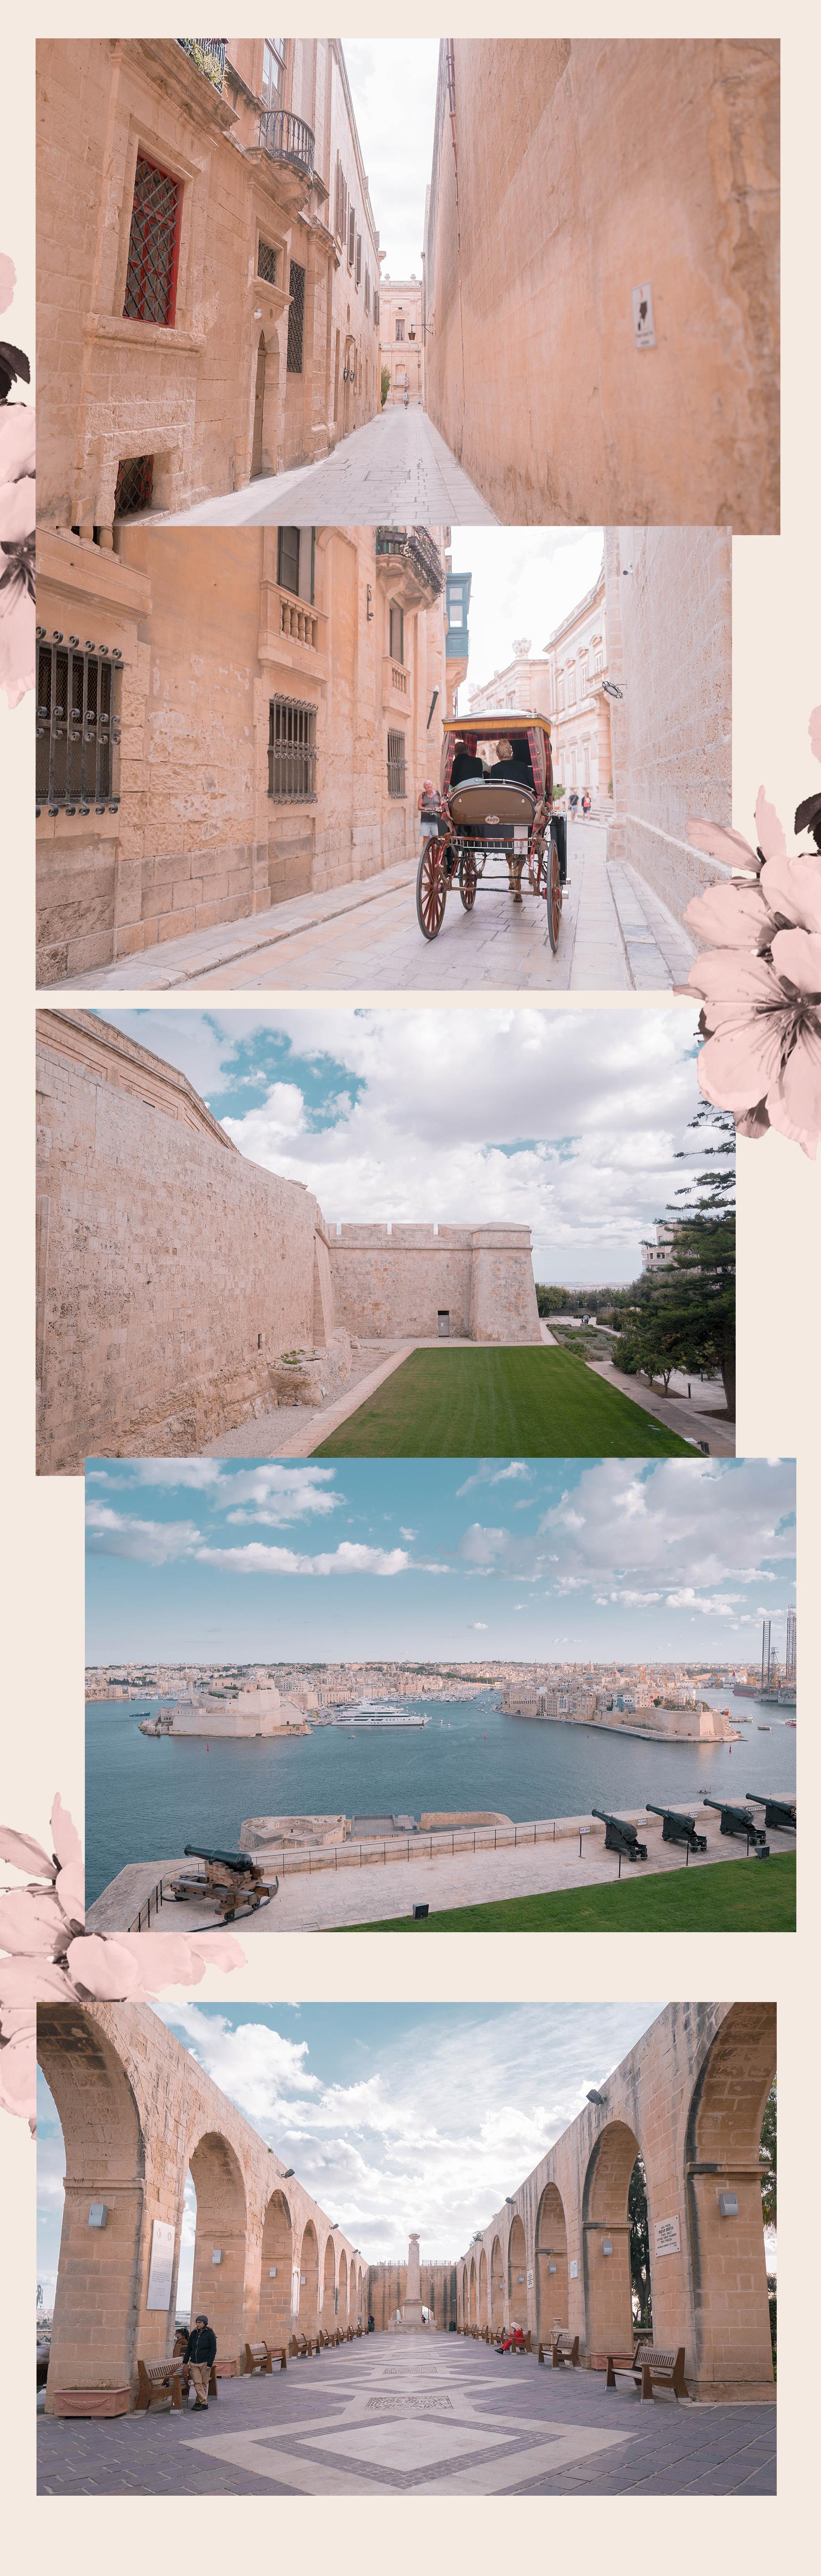 V&V - Malta 6